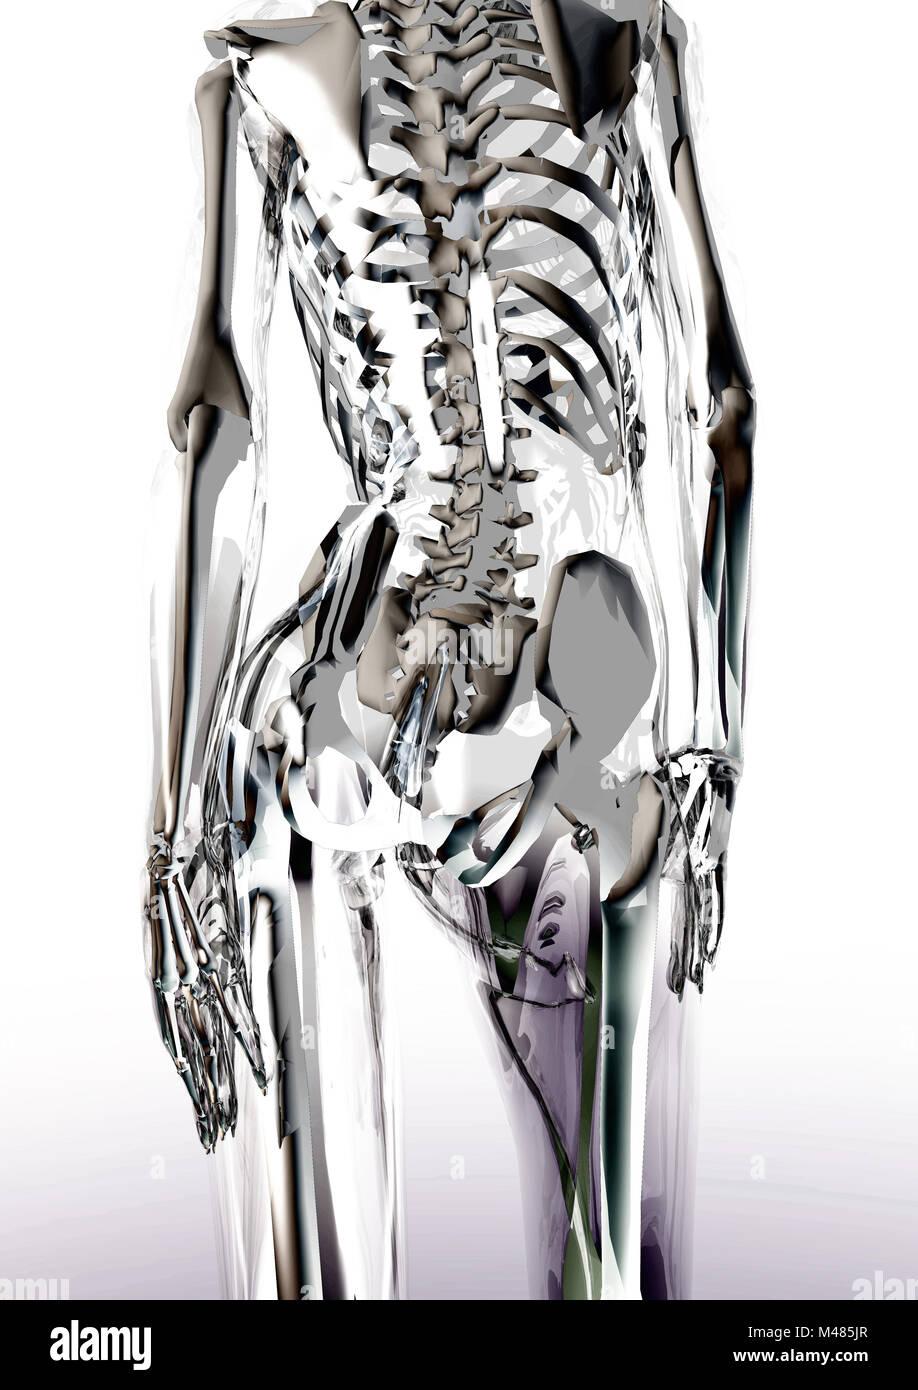 Gläserner weiblicher Körper - Glassy female body - Stock Image